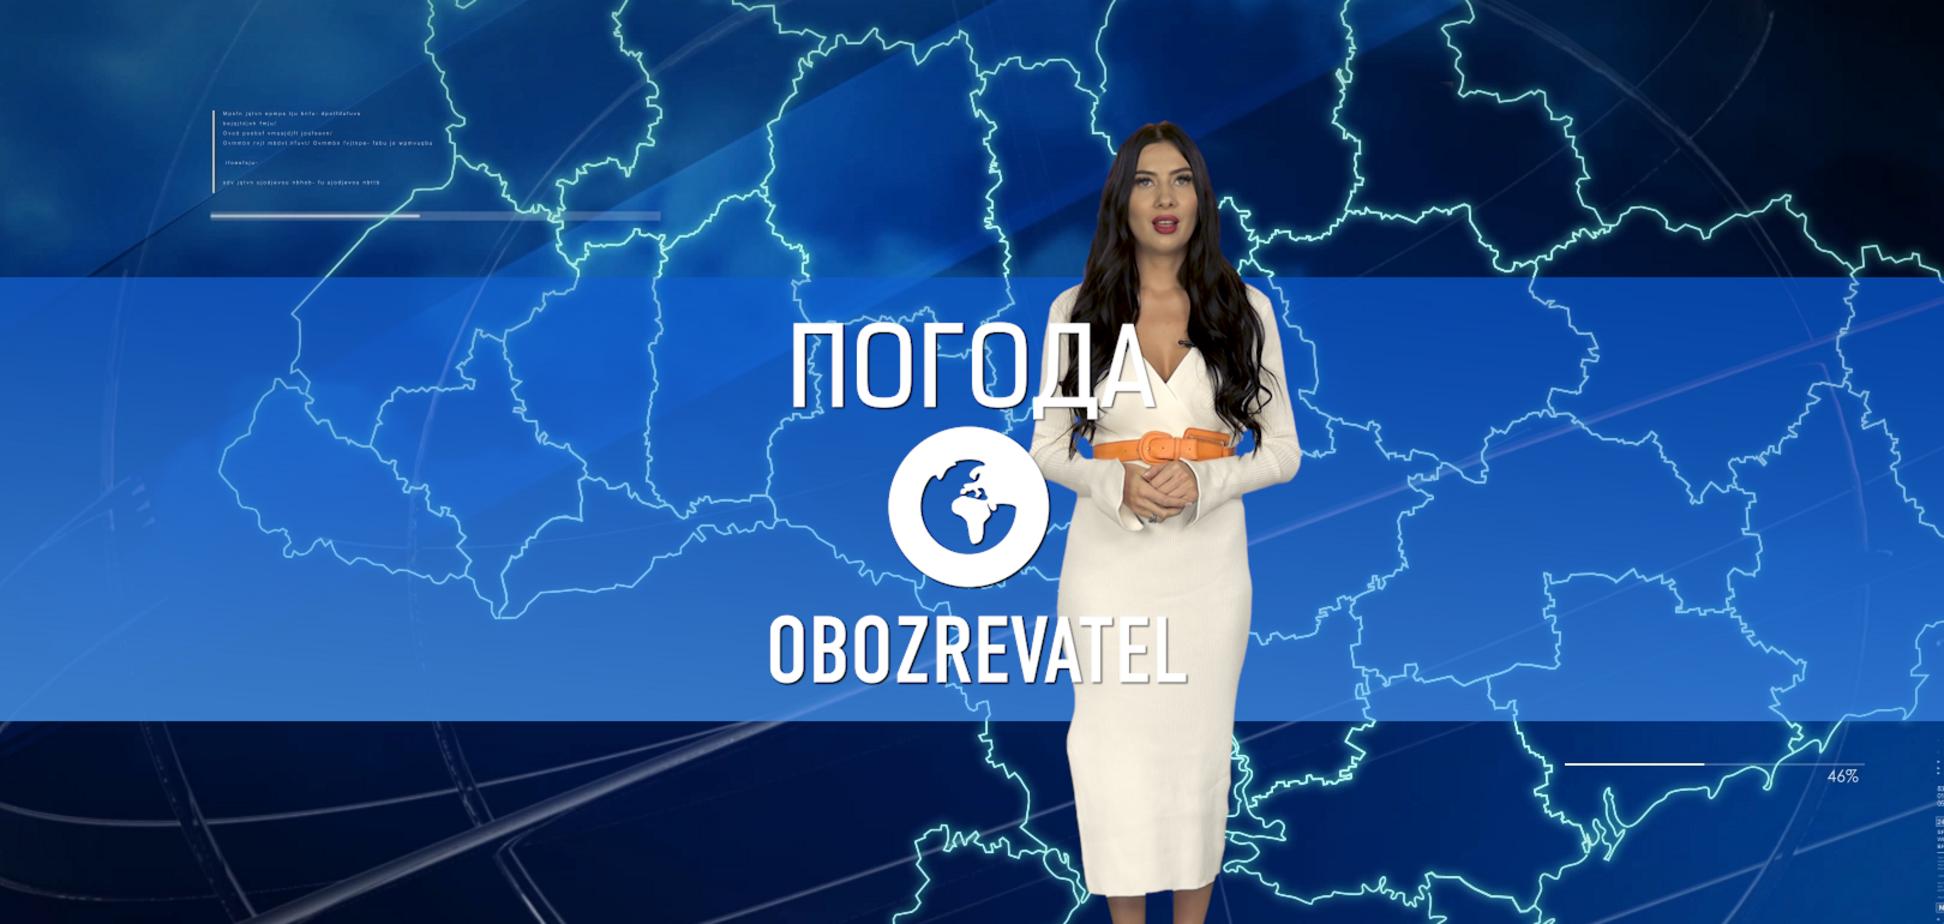 Прогноз погоды в Украине на вторник, 12 октября, с Алисой Мярковской